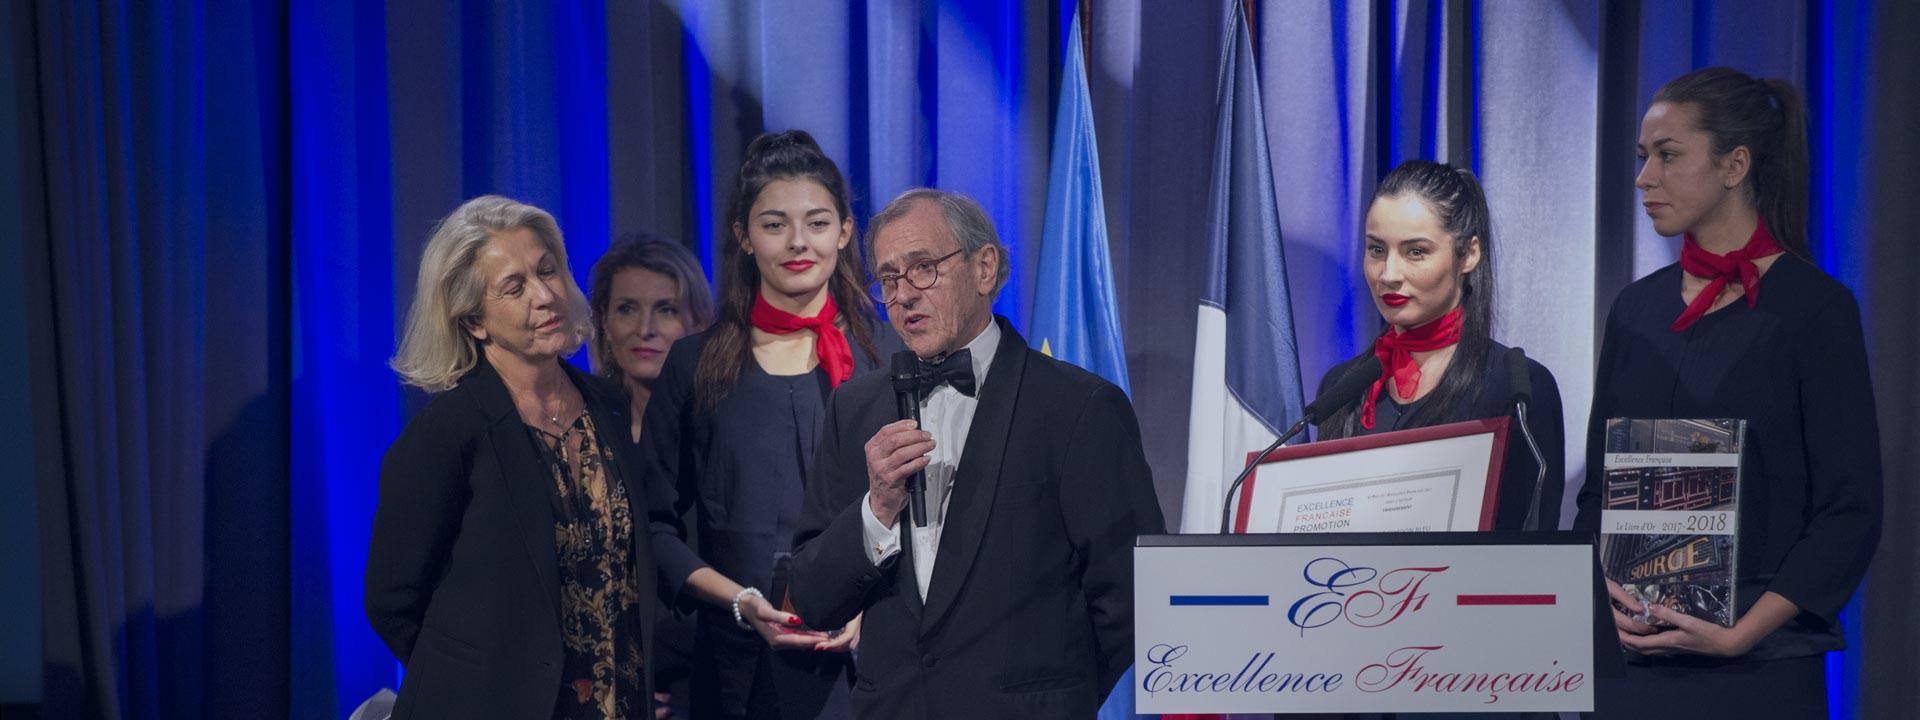 蓝带荣获法国卓越奖